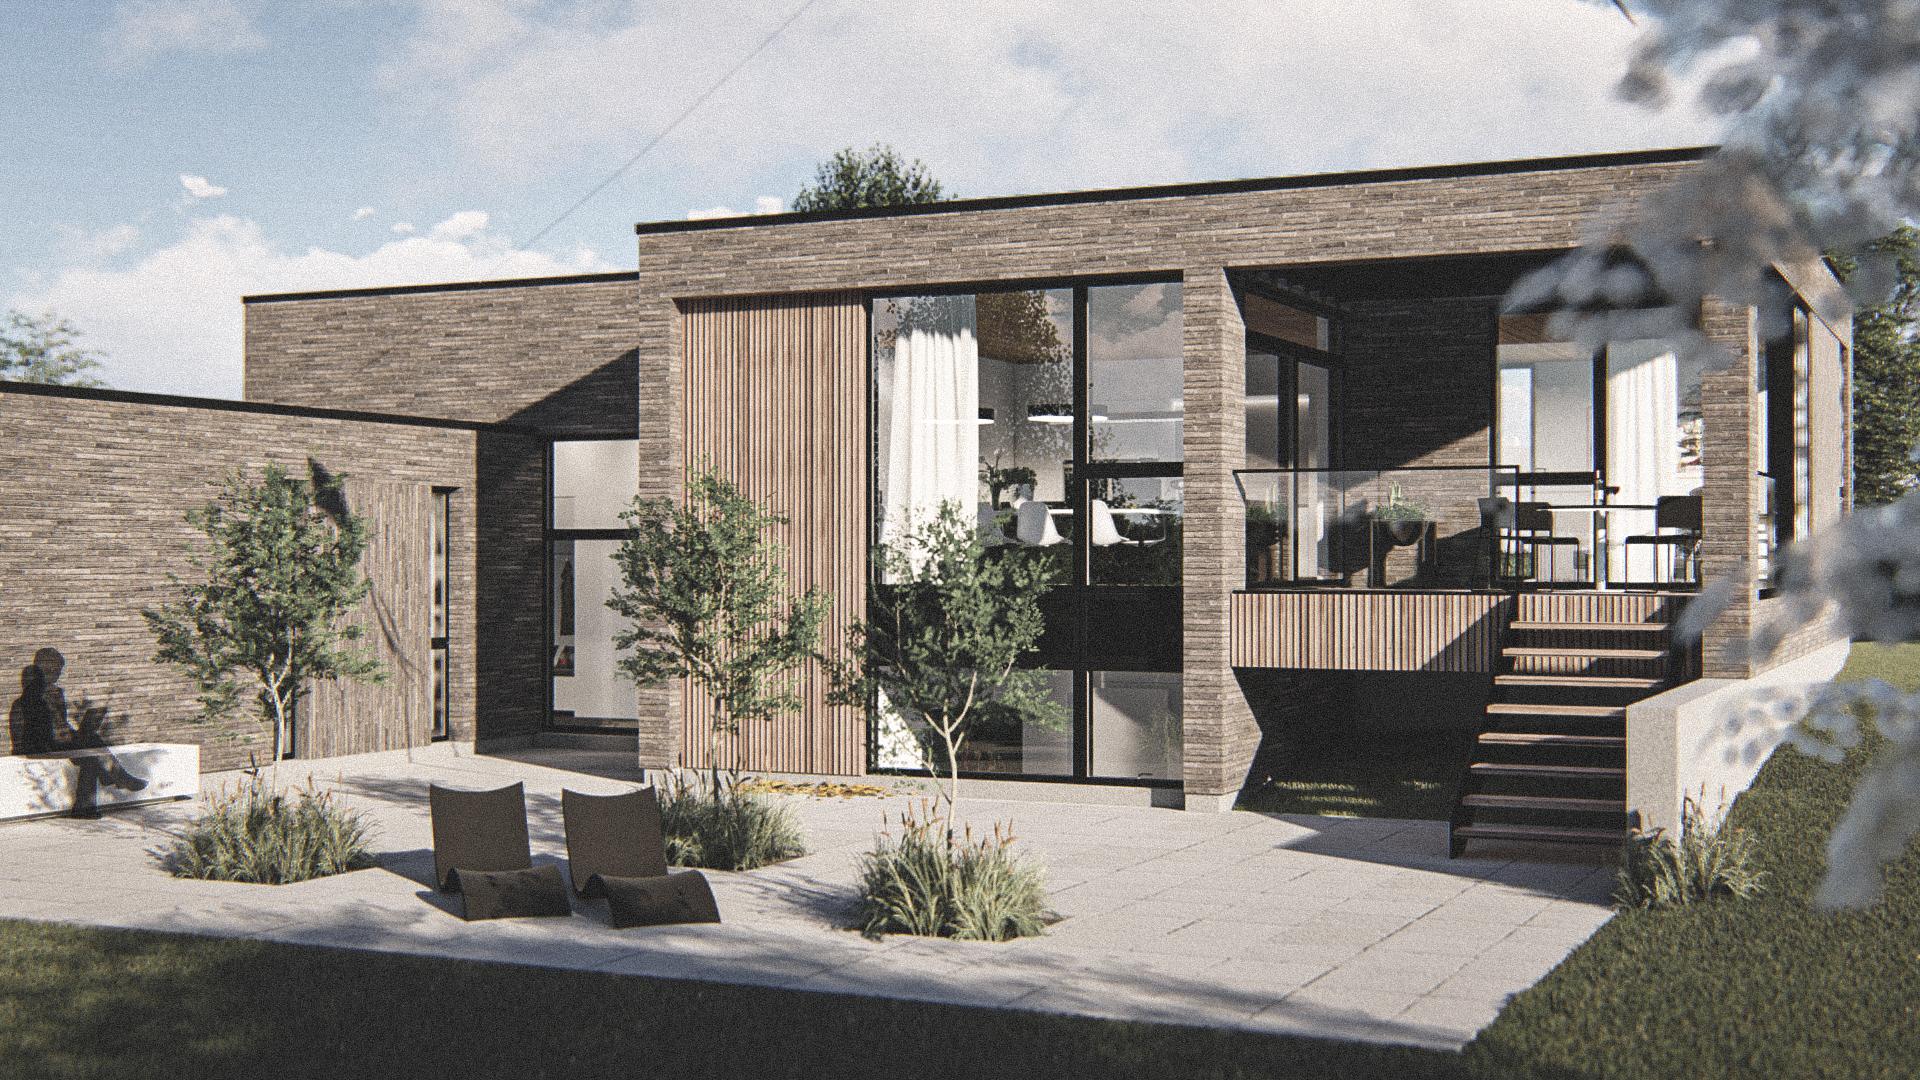 Billede af Dansk arkitekttegnet parterreplan villa af arkitektfirmaet m2plus, i Horsens på 252 kvartratmeter.